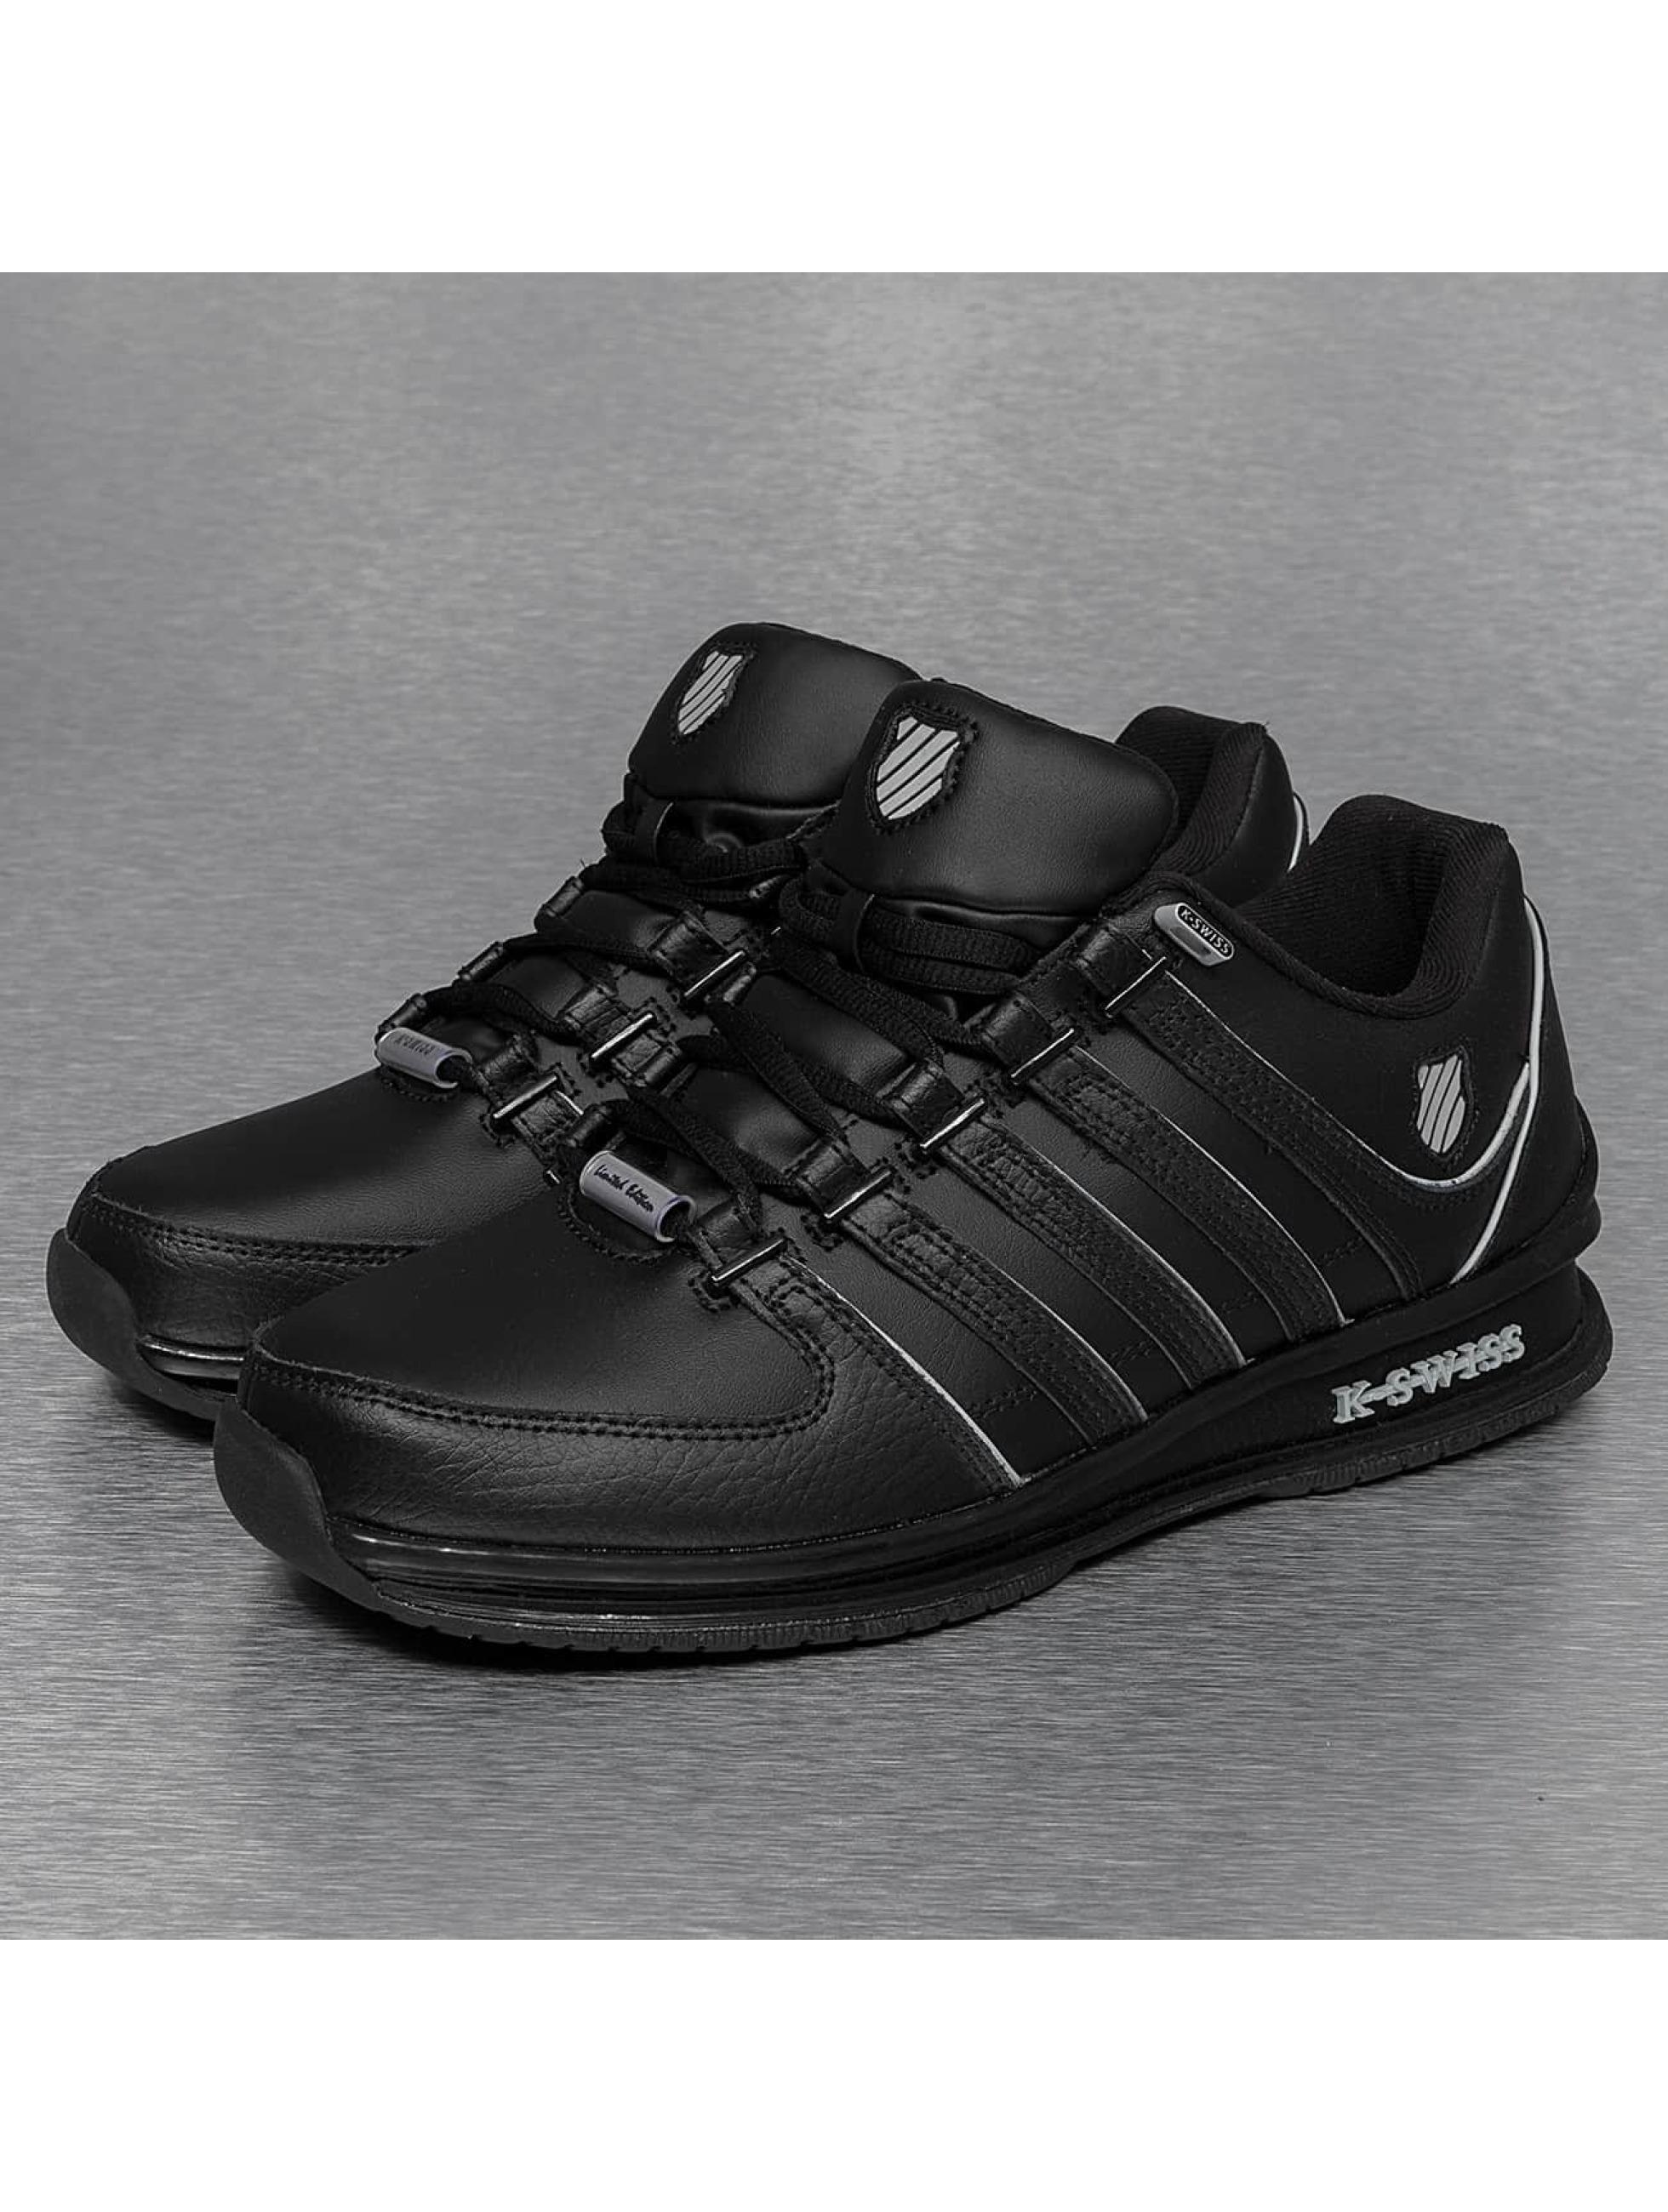 k swiss herren sneaker rinzler sp in schwarz 275418. Black Bedroom Furniture Sets. Home Design Ideas